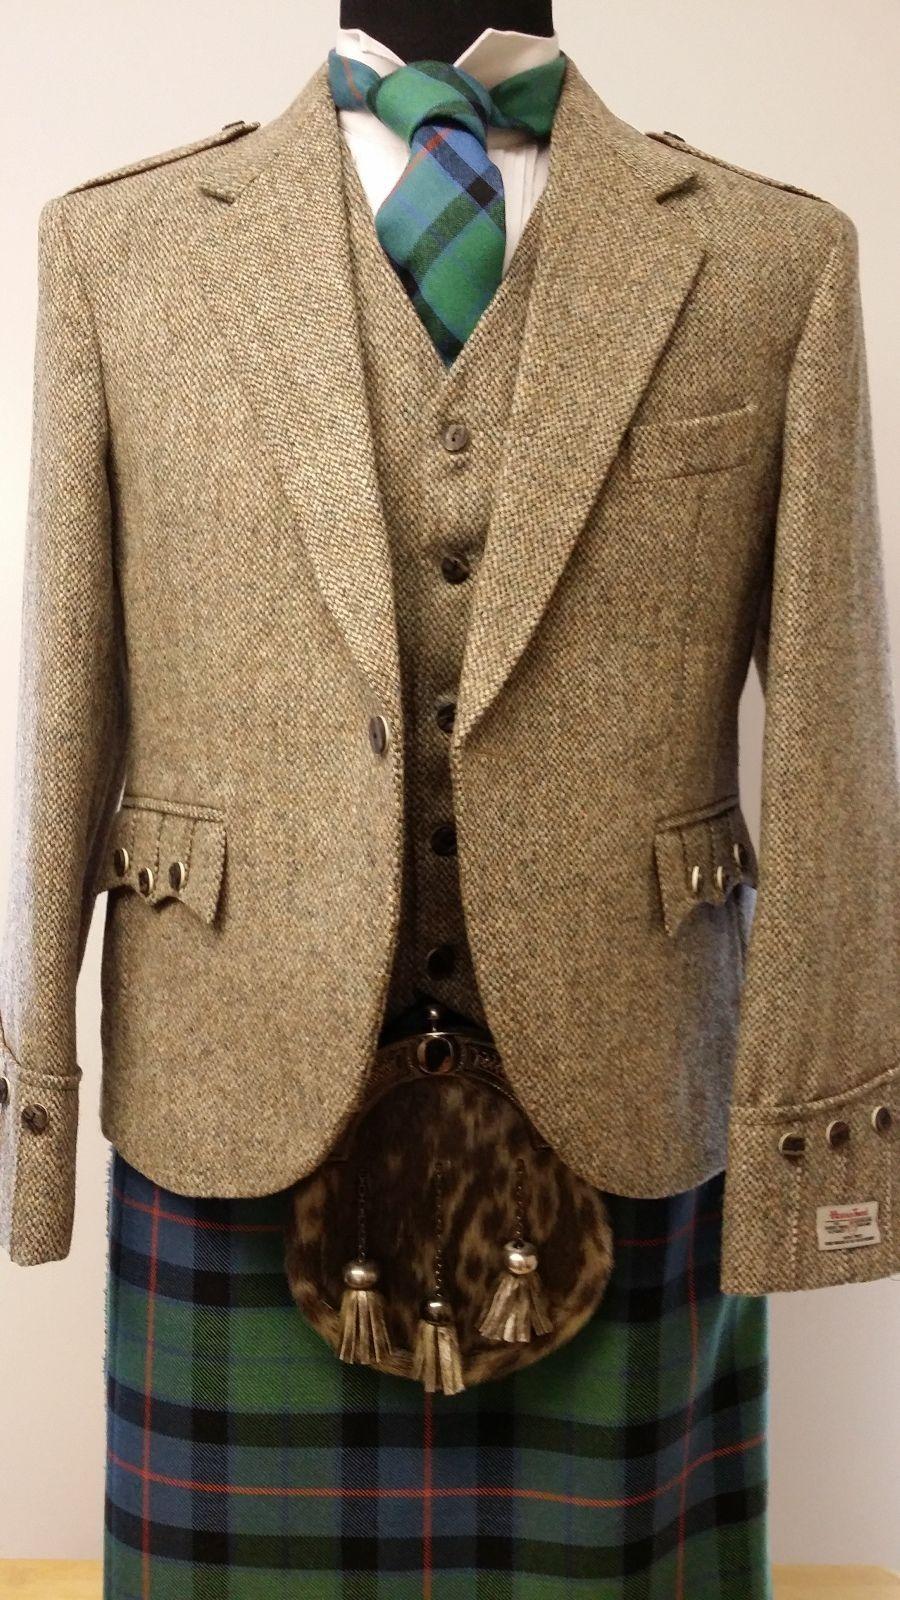 Harris Tweed Argyll Kilt Jacket Vest 4 Kilts Official